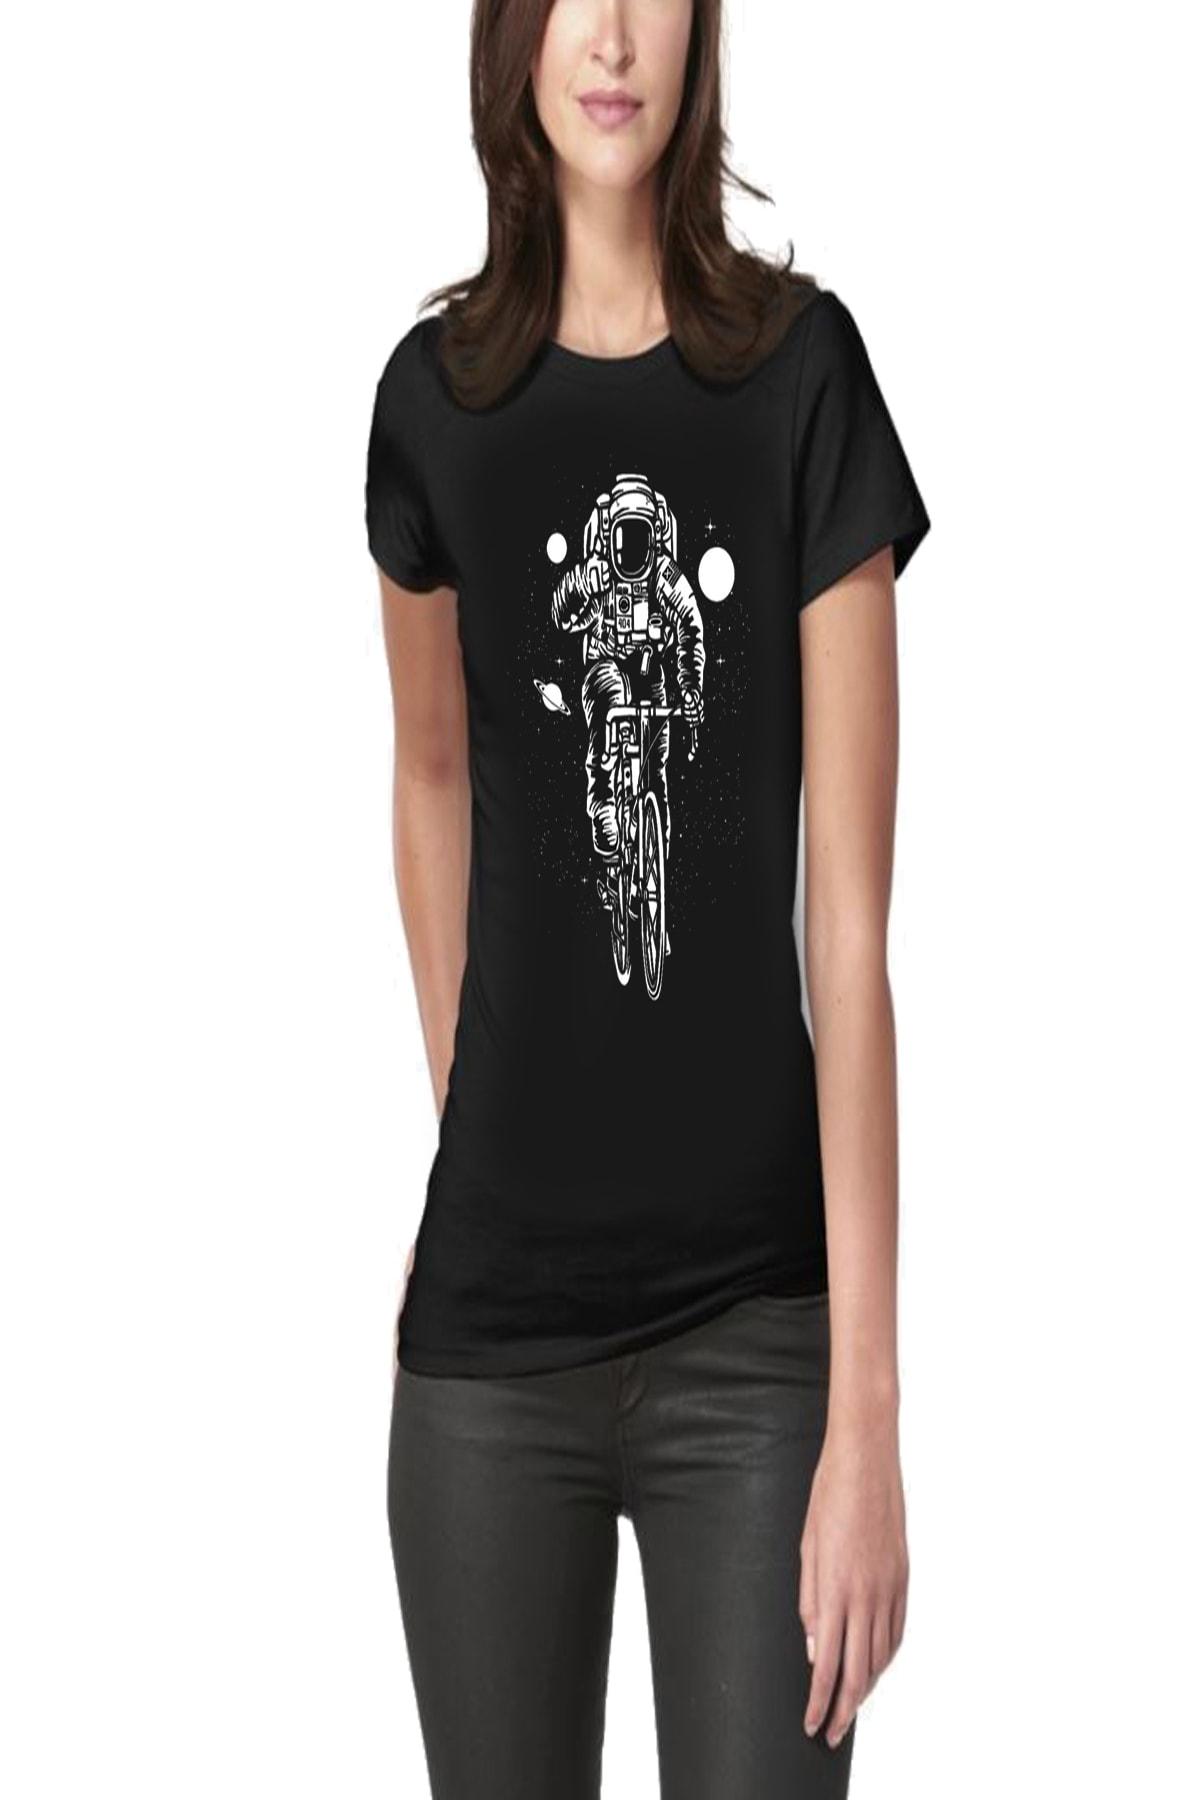 Cycling In Space Baskılı Tasarım Kadın Tişört